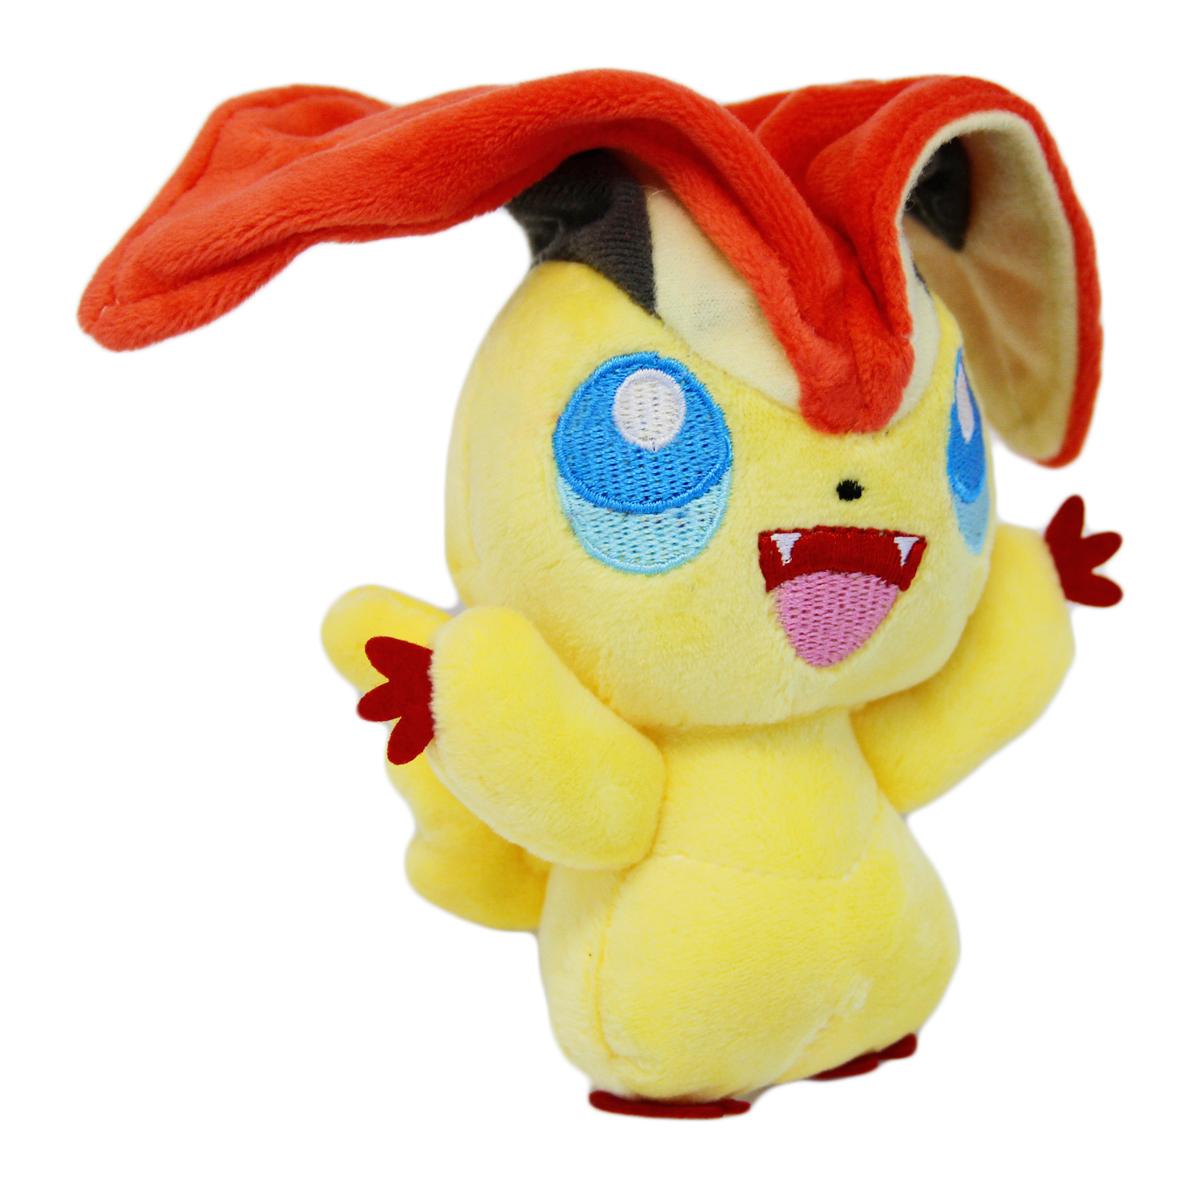 Plush Toys Product : Pokemon quot plush victini new inch black white cute